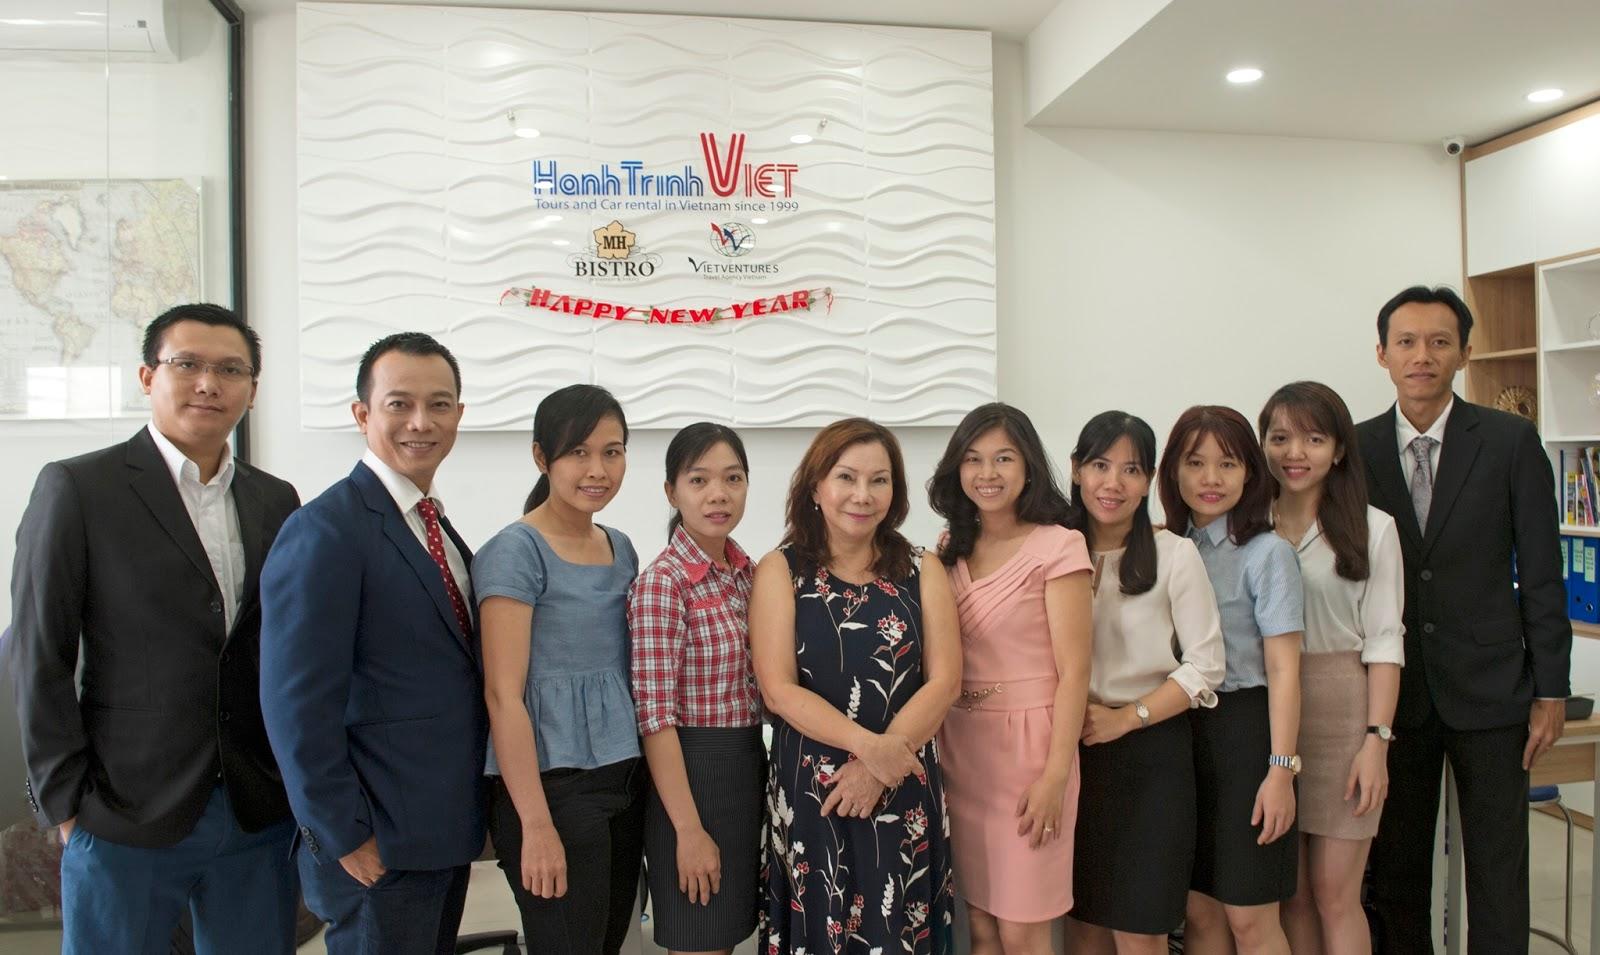 Công ty TNHH Du lịch Vận chuyển Hành Trình Việt (Vietventures Co., Ltd)